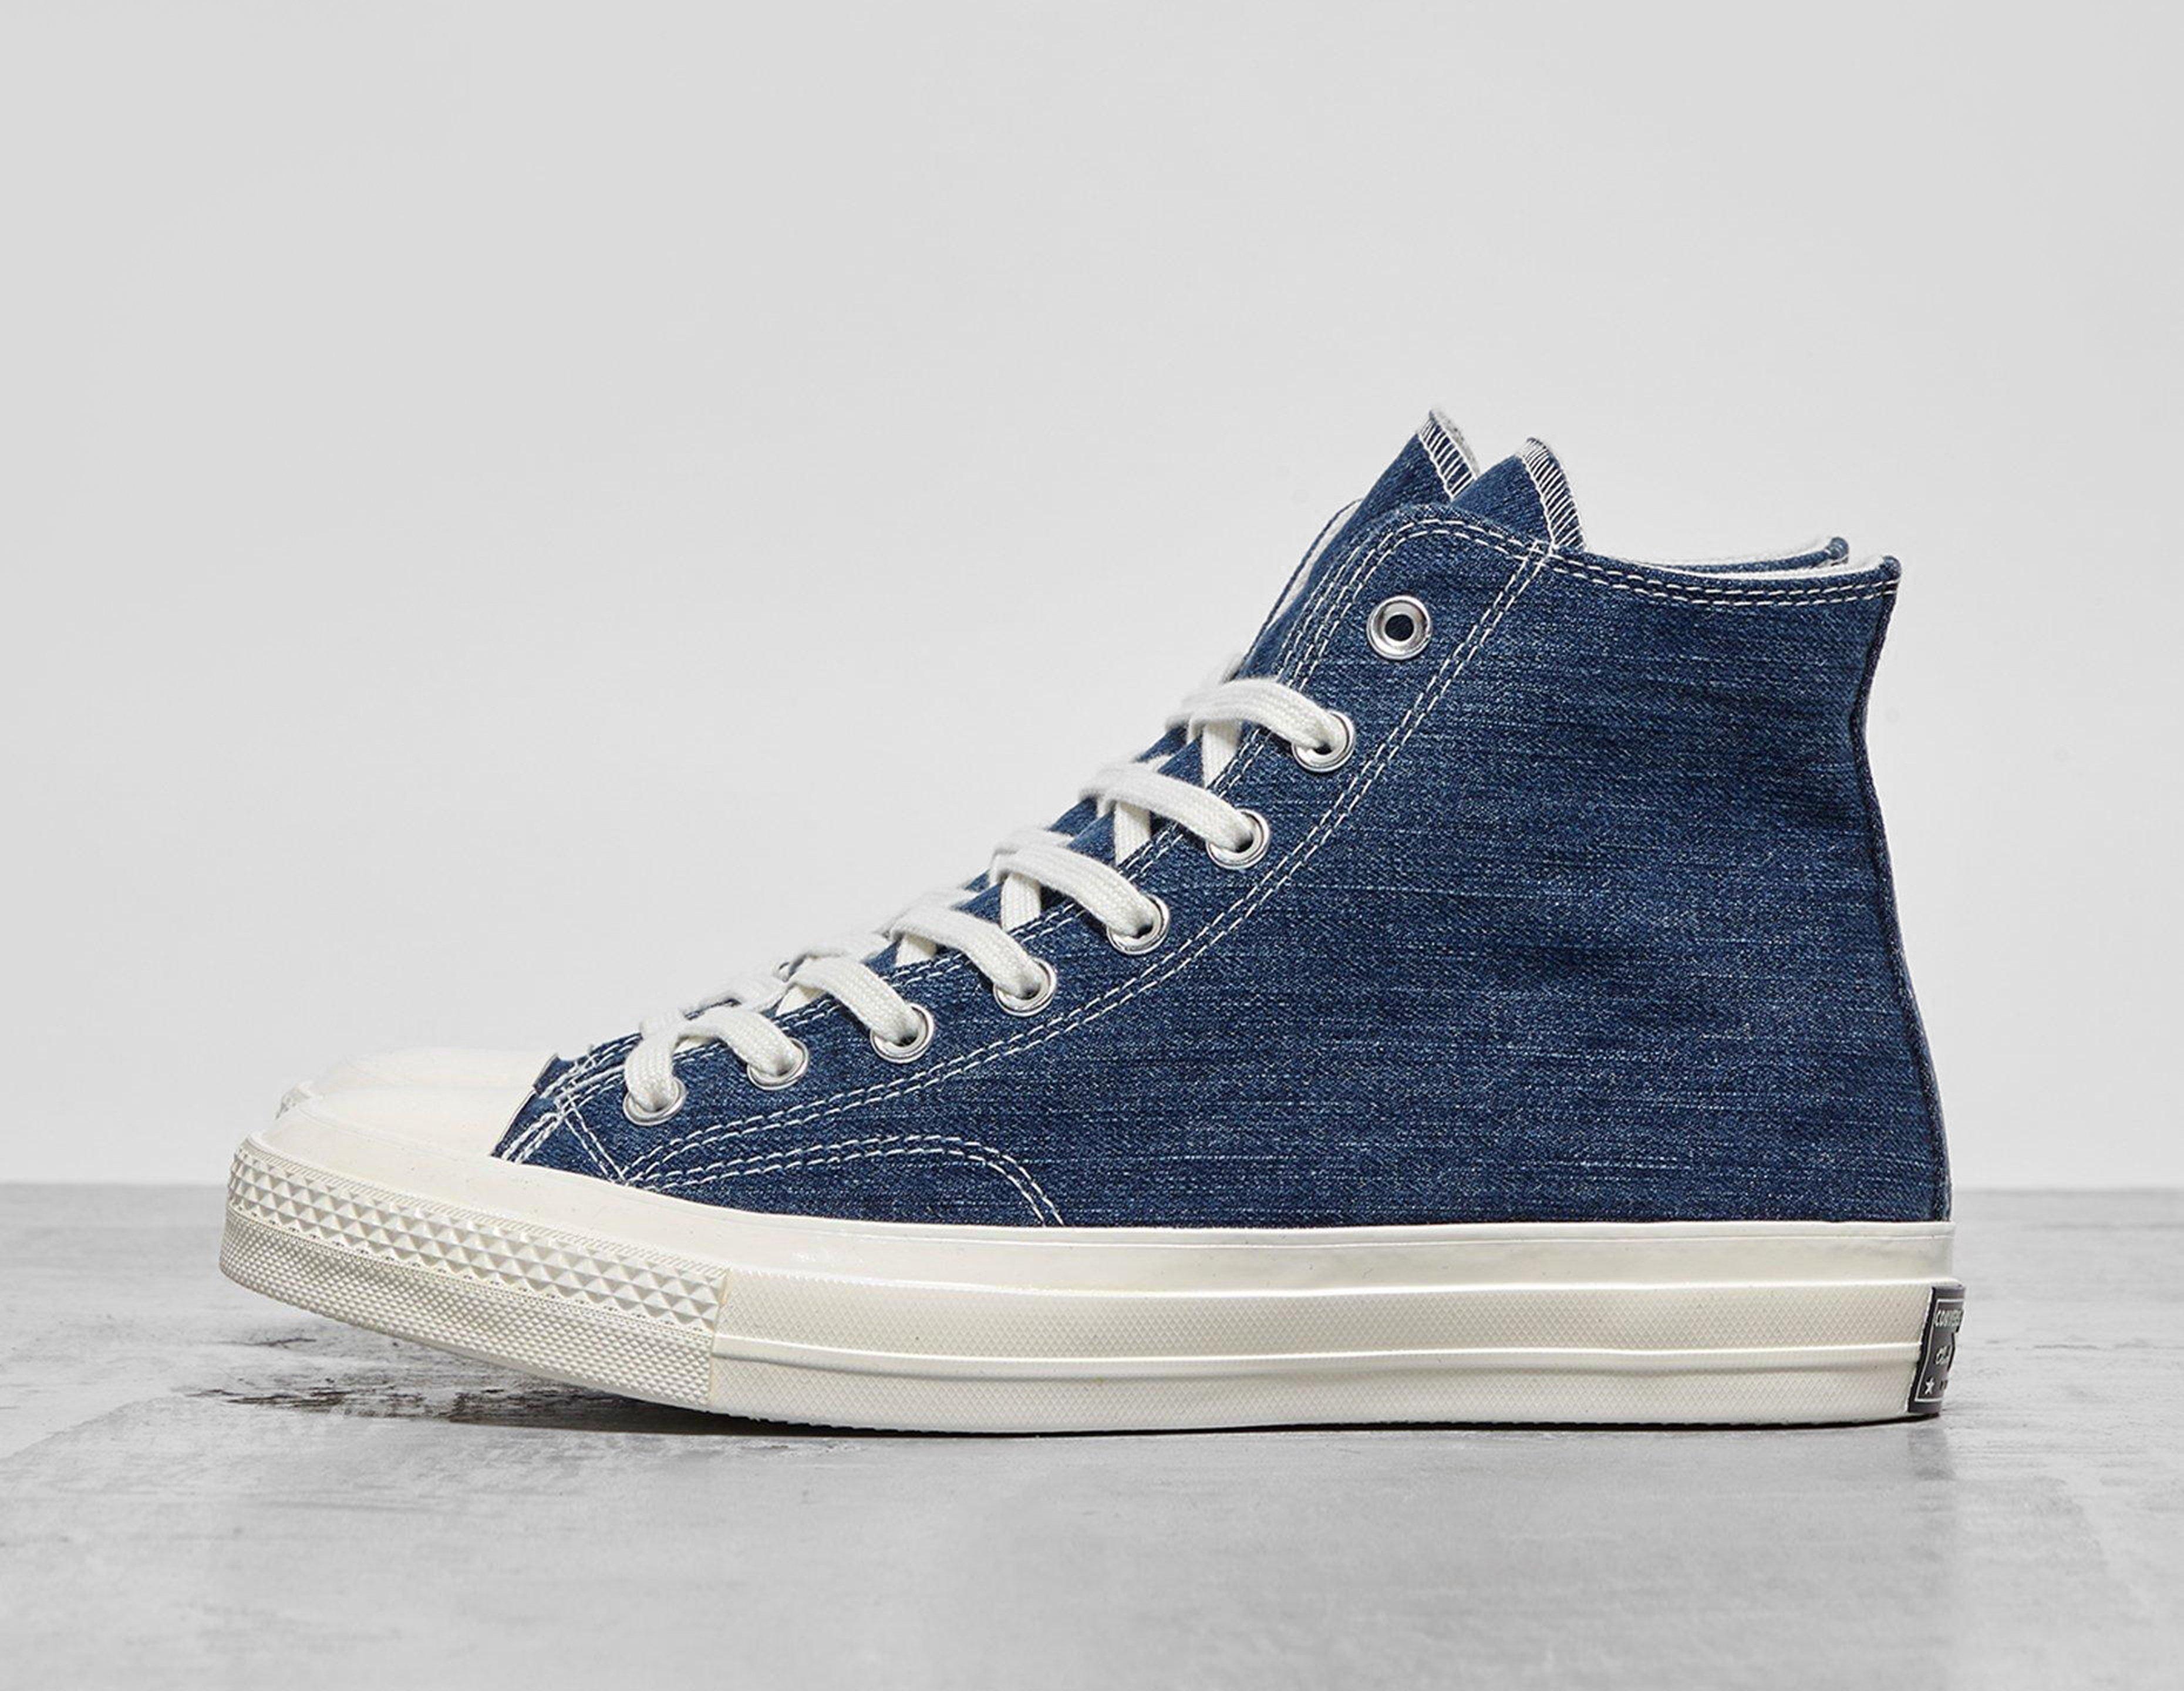 Converse Chuck 70 Hi 165647c Sneakersnstuff   sneakers